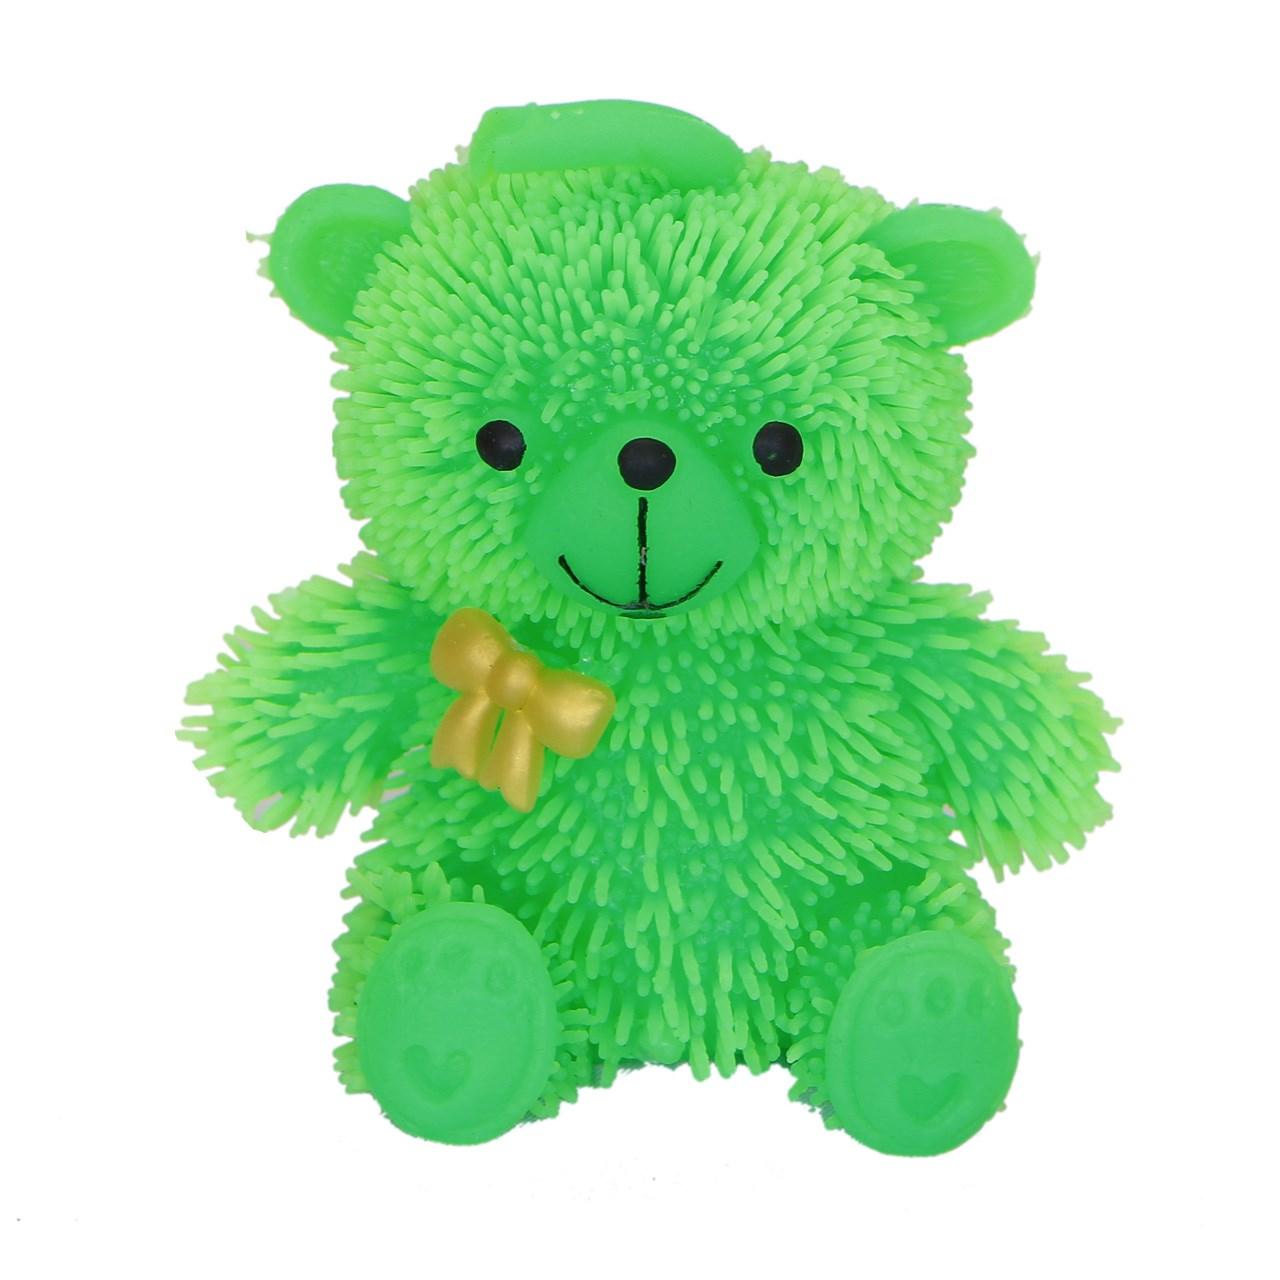 خرید                     عروسک خرس ژله ای مدل ترنم